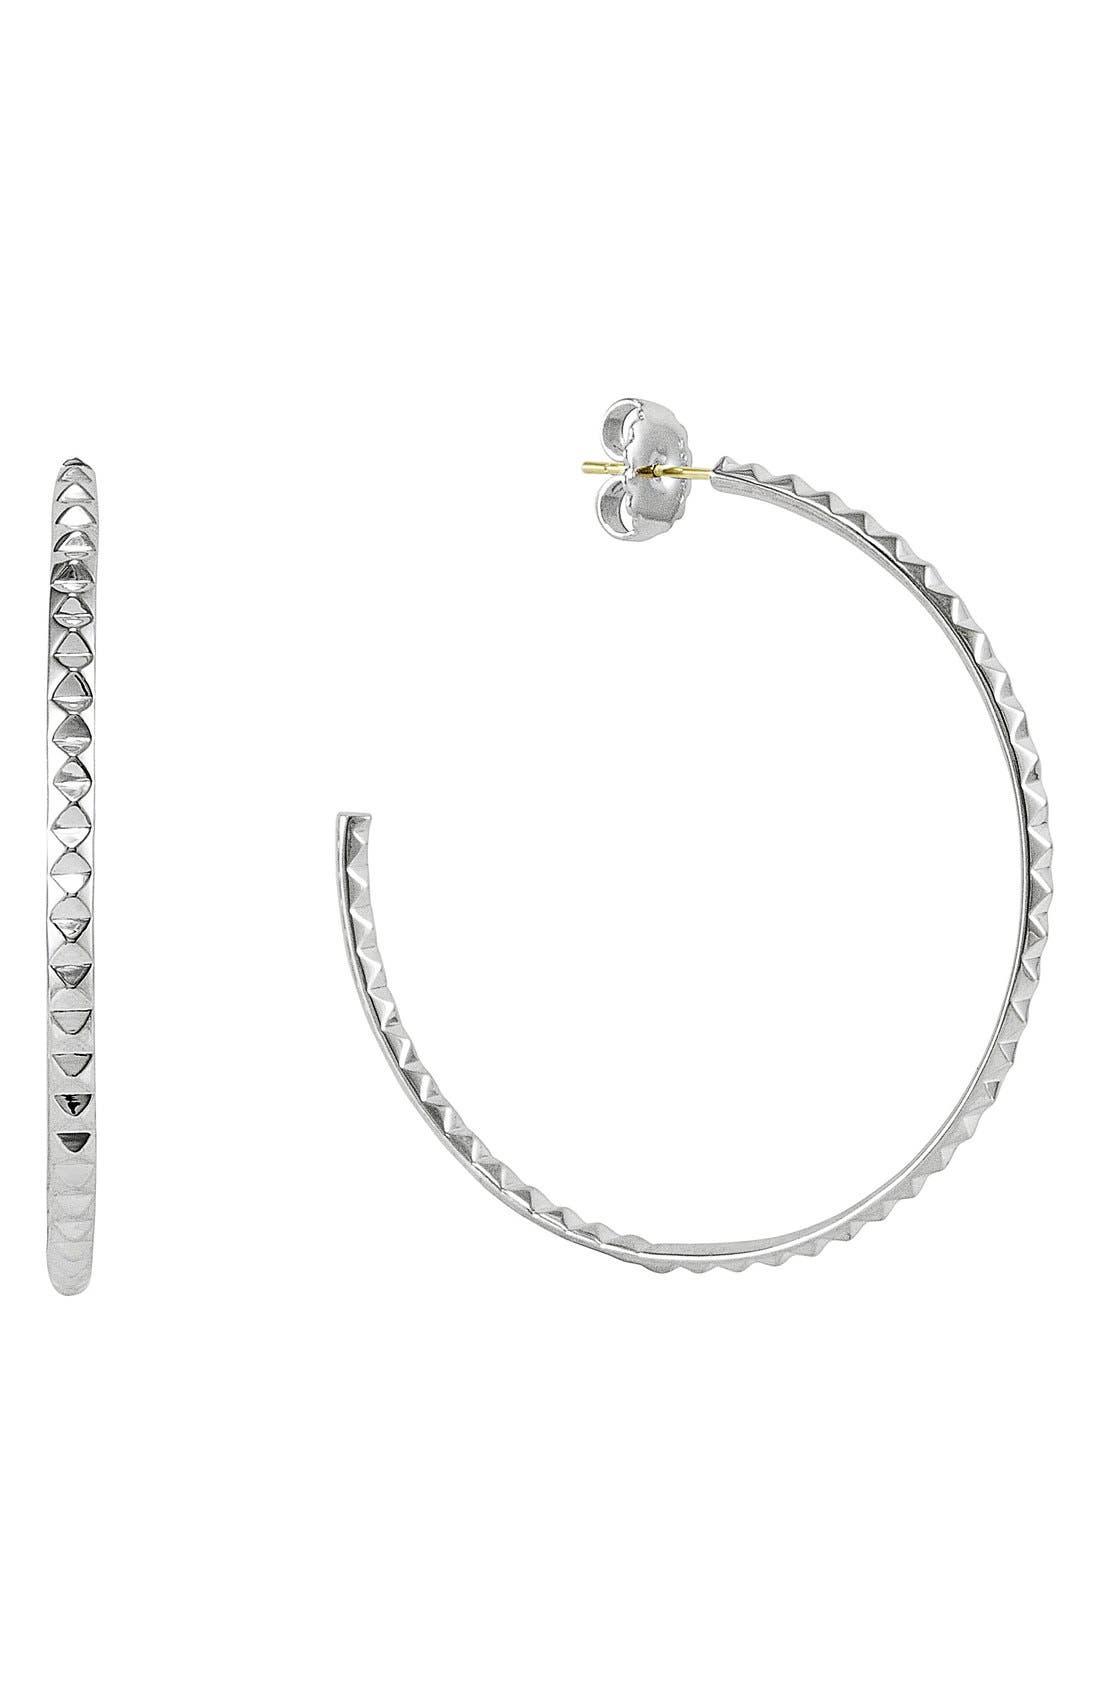 Main Image - LAGOS 'Sugarloaf' Hoop Earrings